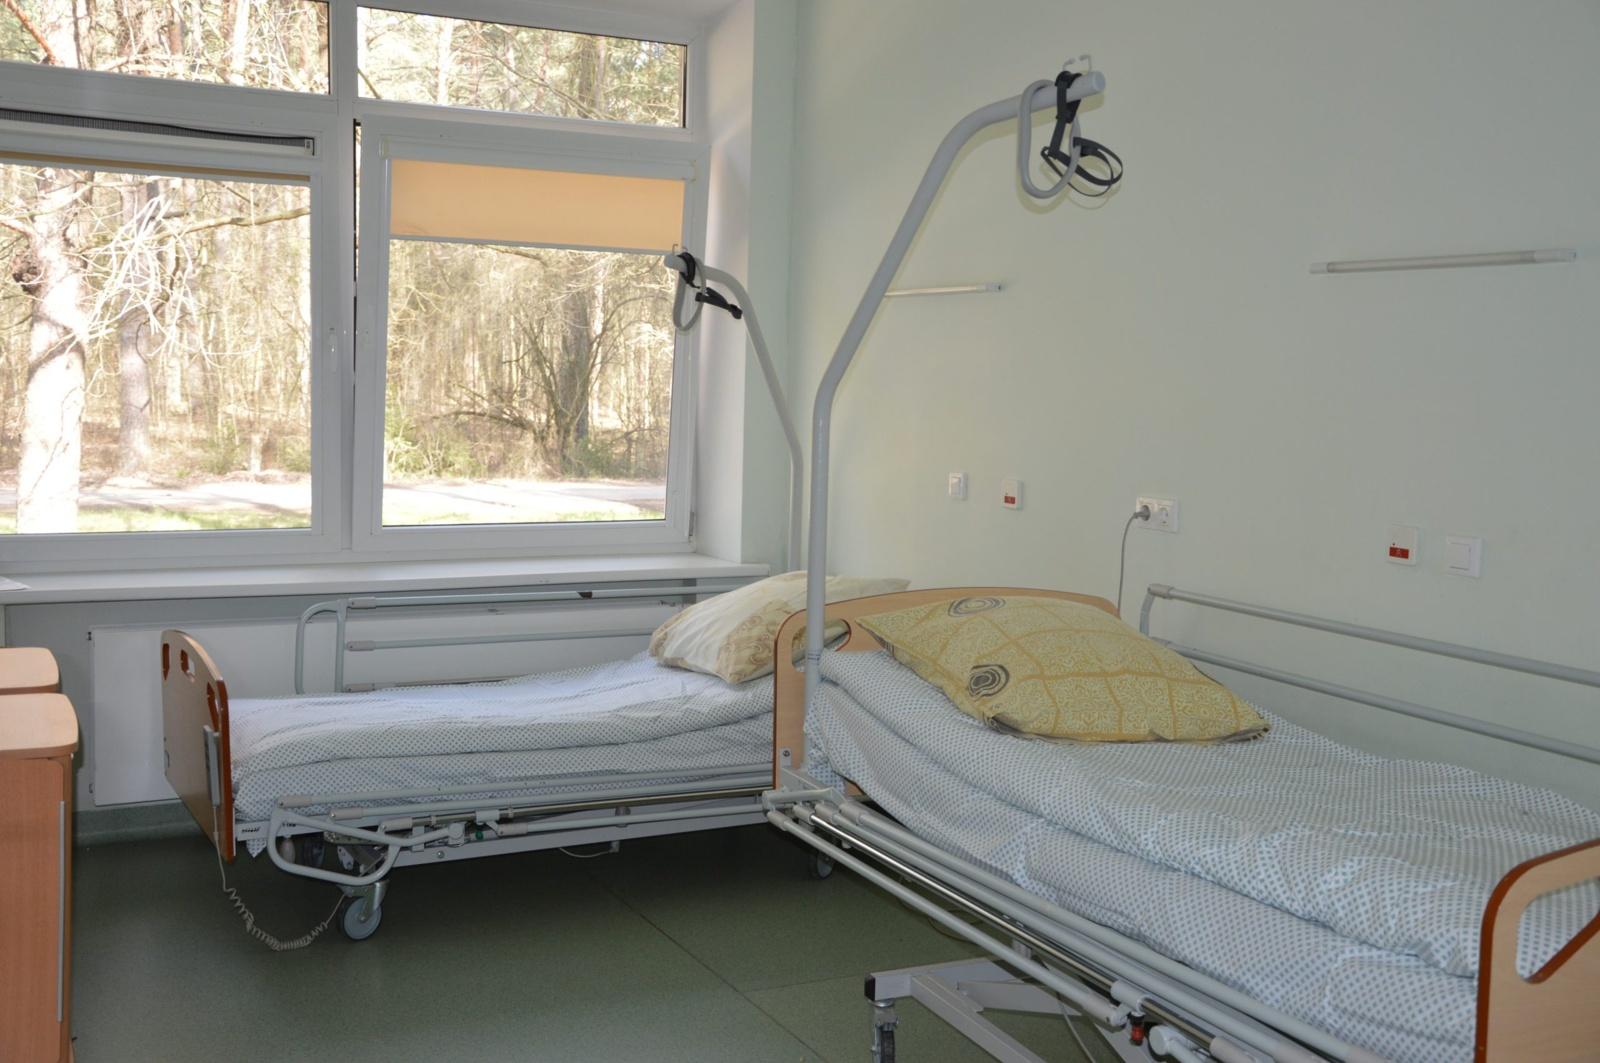 Prienų ligoninė pasiruošusi gydyti pacientus su koronaviruso infekcija